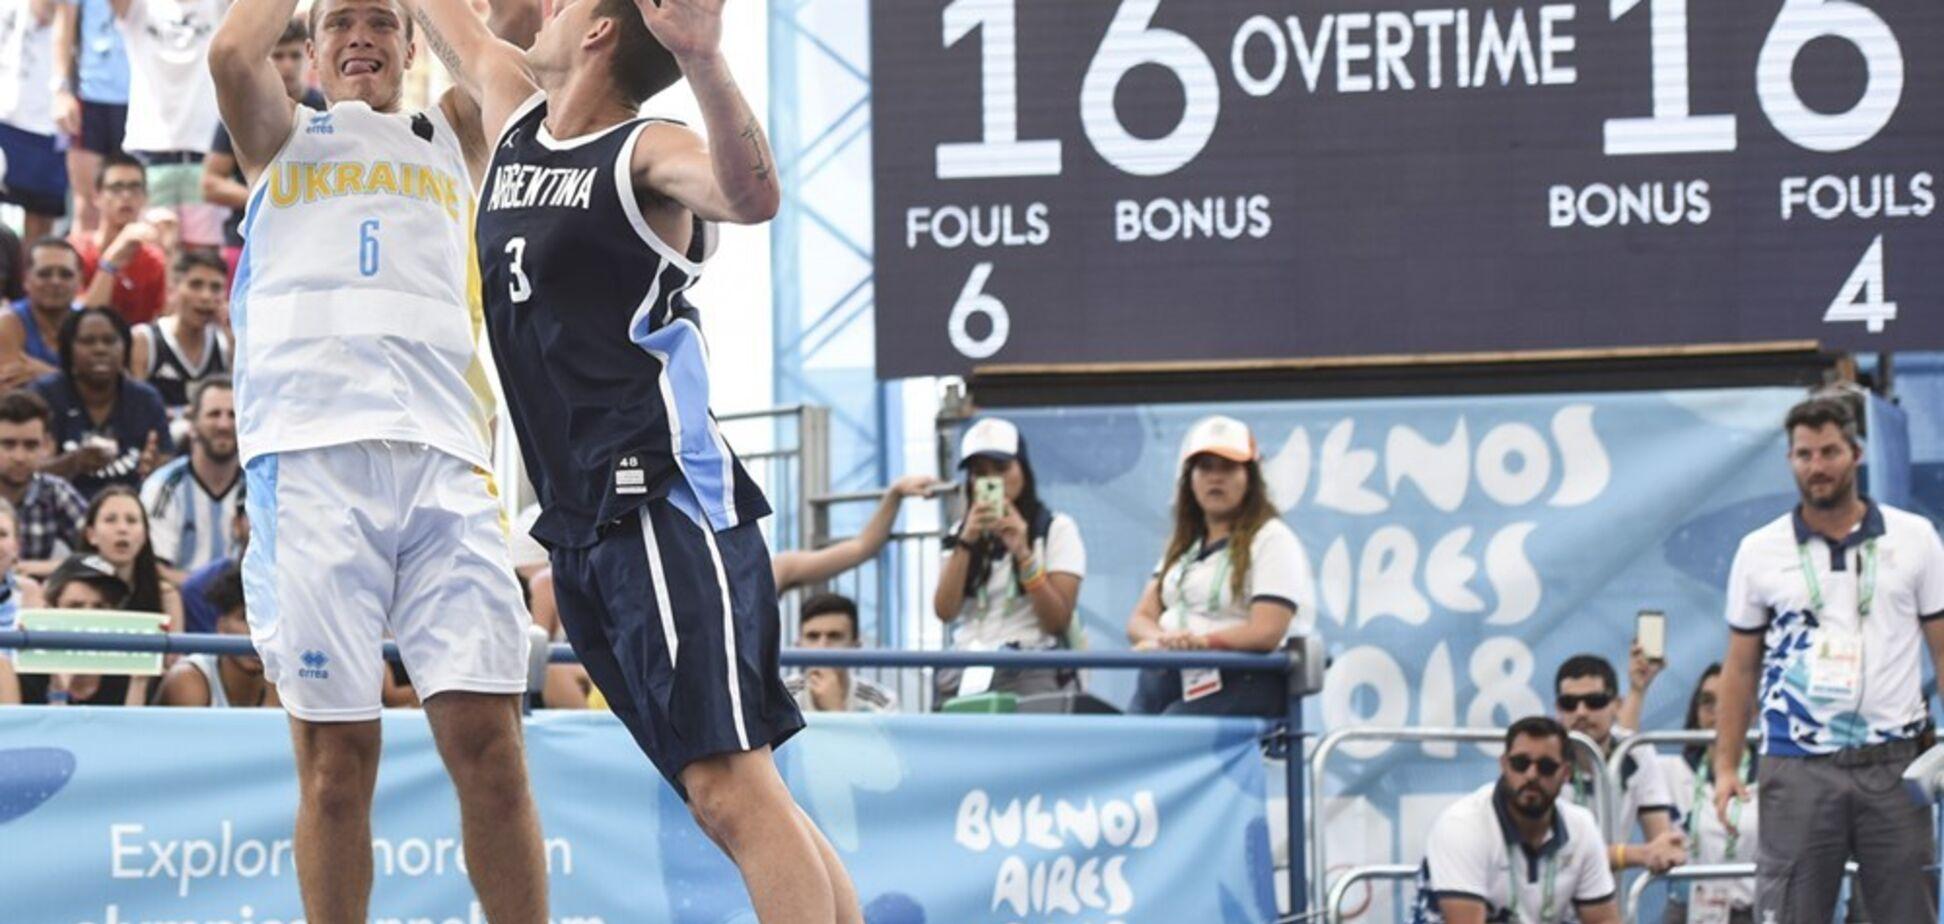 Україна увійшла у топ-4 Юнацької Олімпіади в баскетболі 3х3, випередивши Росію